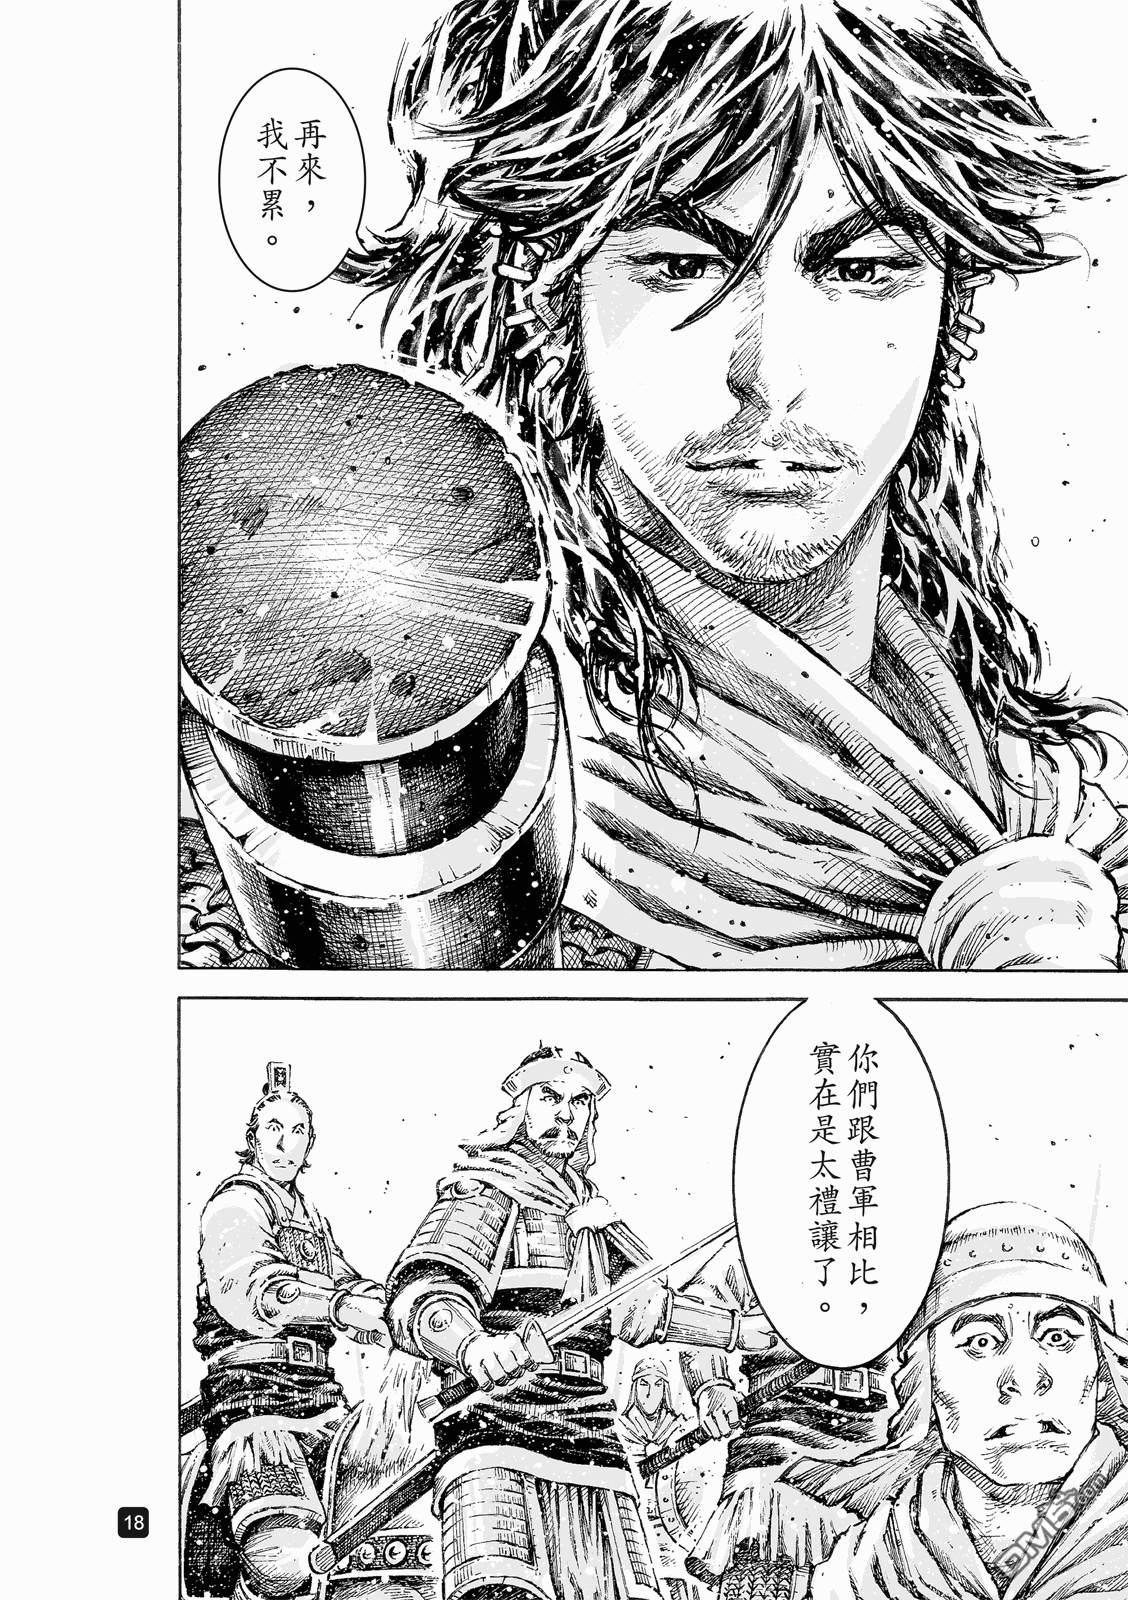 火鳳燎原漫畫第519回 常山獨龍(第17頁)劇情-二次元動漫